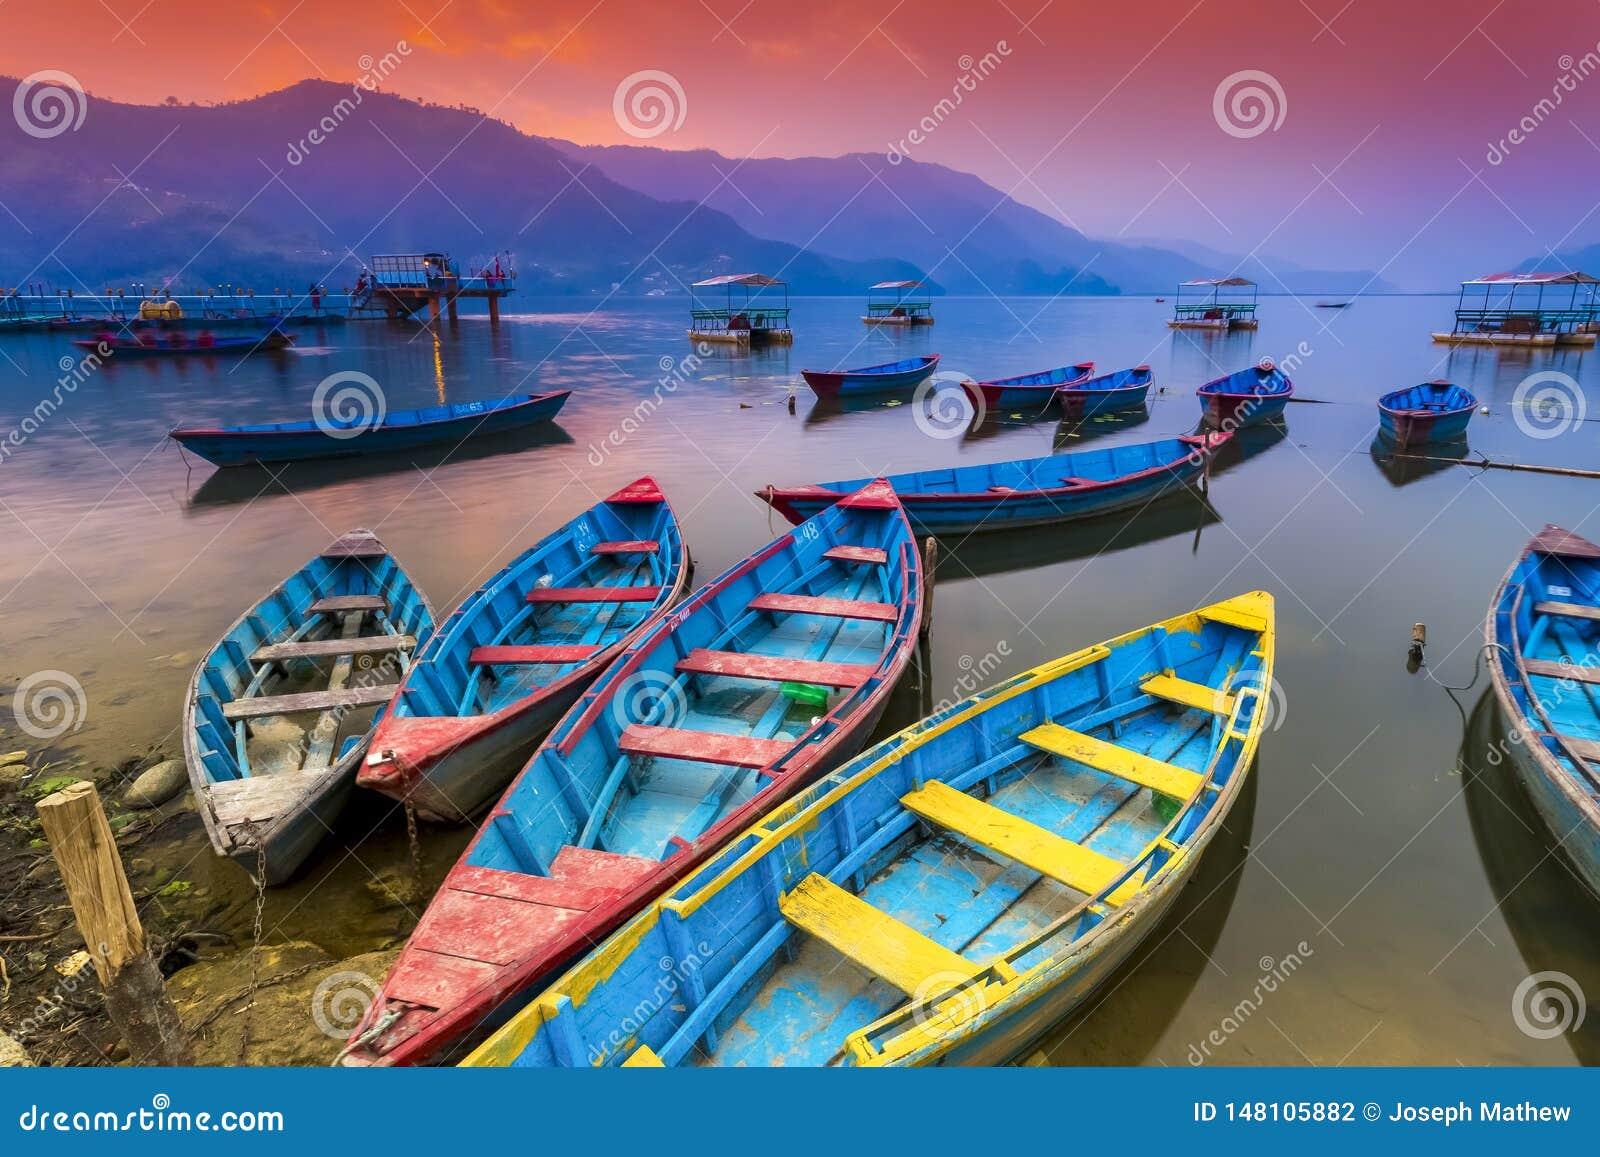 Ζωηρόχρωμες ξύλινες βάρκες που σταθμεύουν στη λίμνη Phewa και το καταπληκτικό ηλιοβασίλεμα στο υπόβαθρο